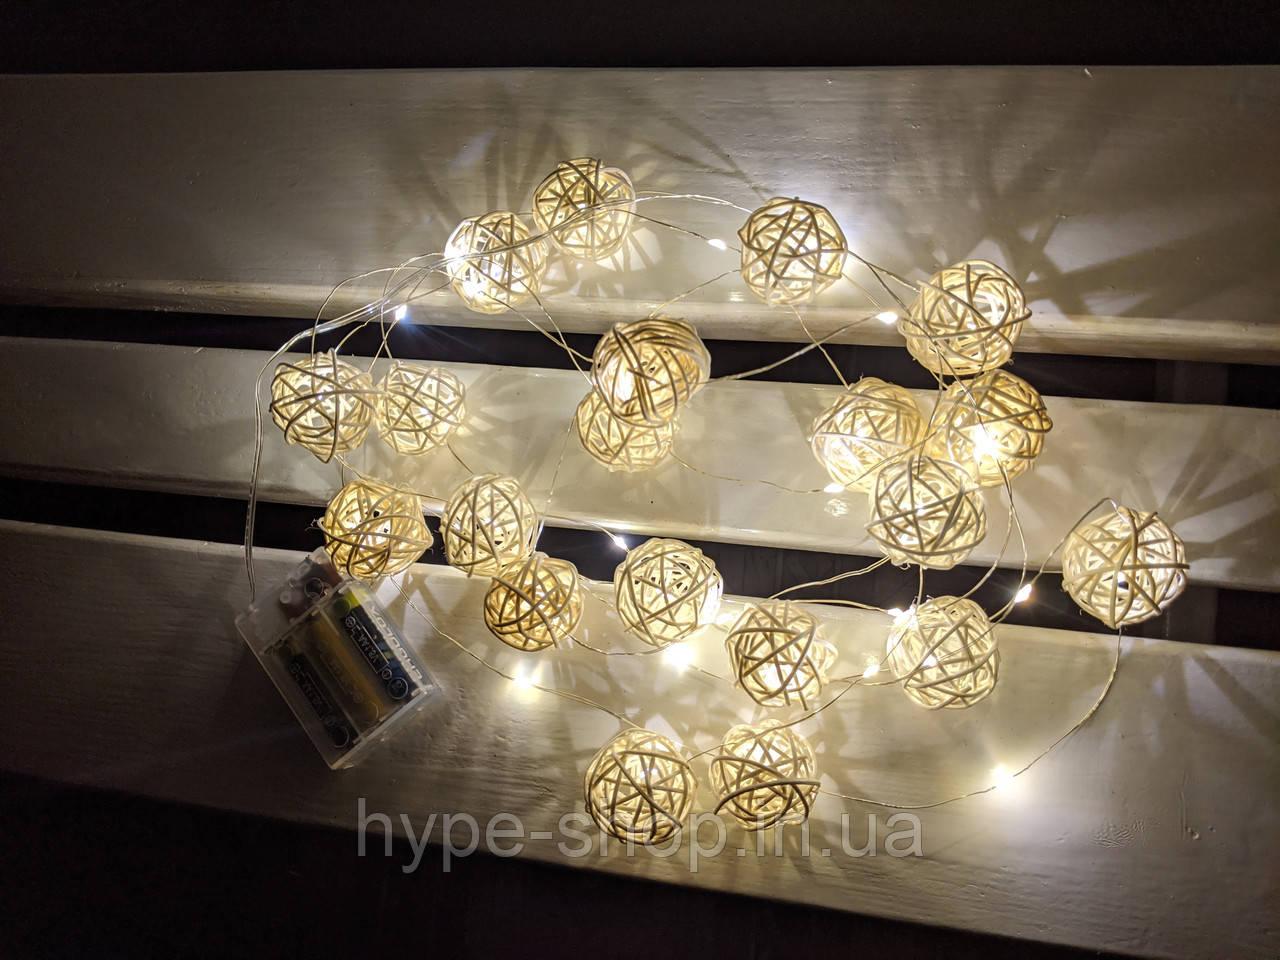 Гірлянда для декору 4м ротангові кулі на проволоці роса ЕКО, тепле світло